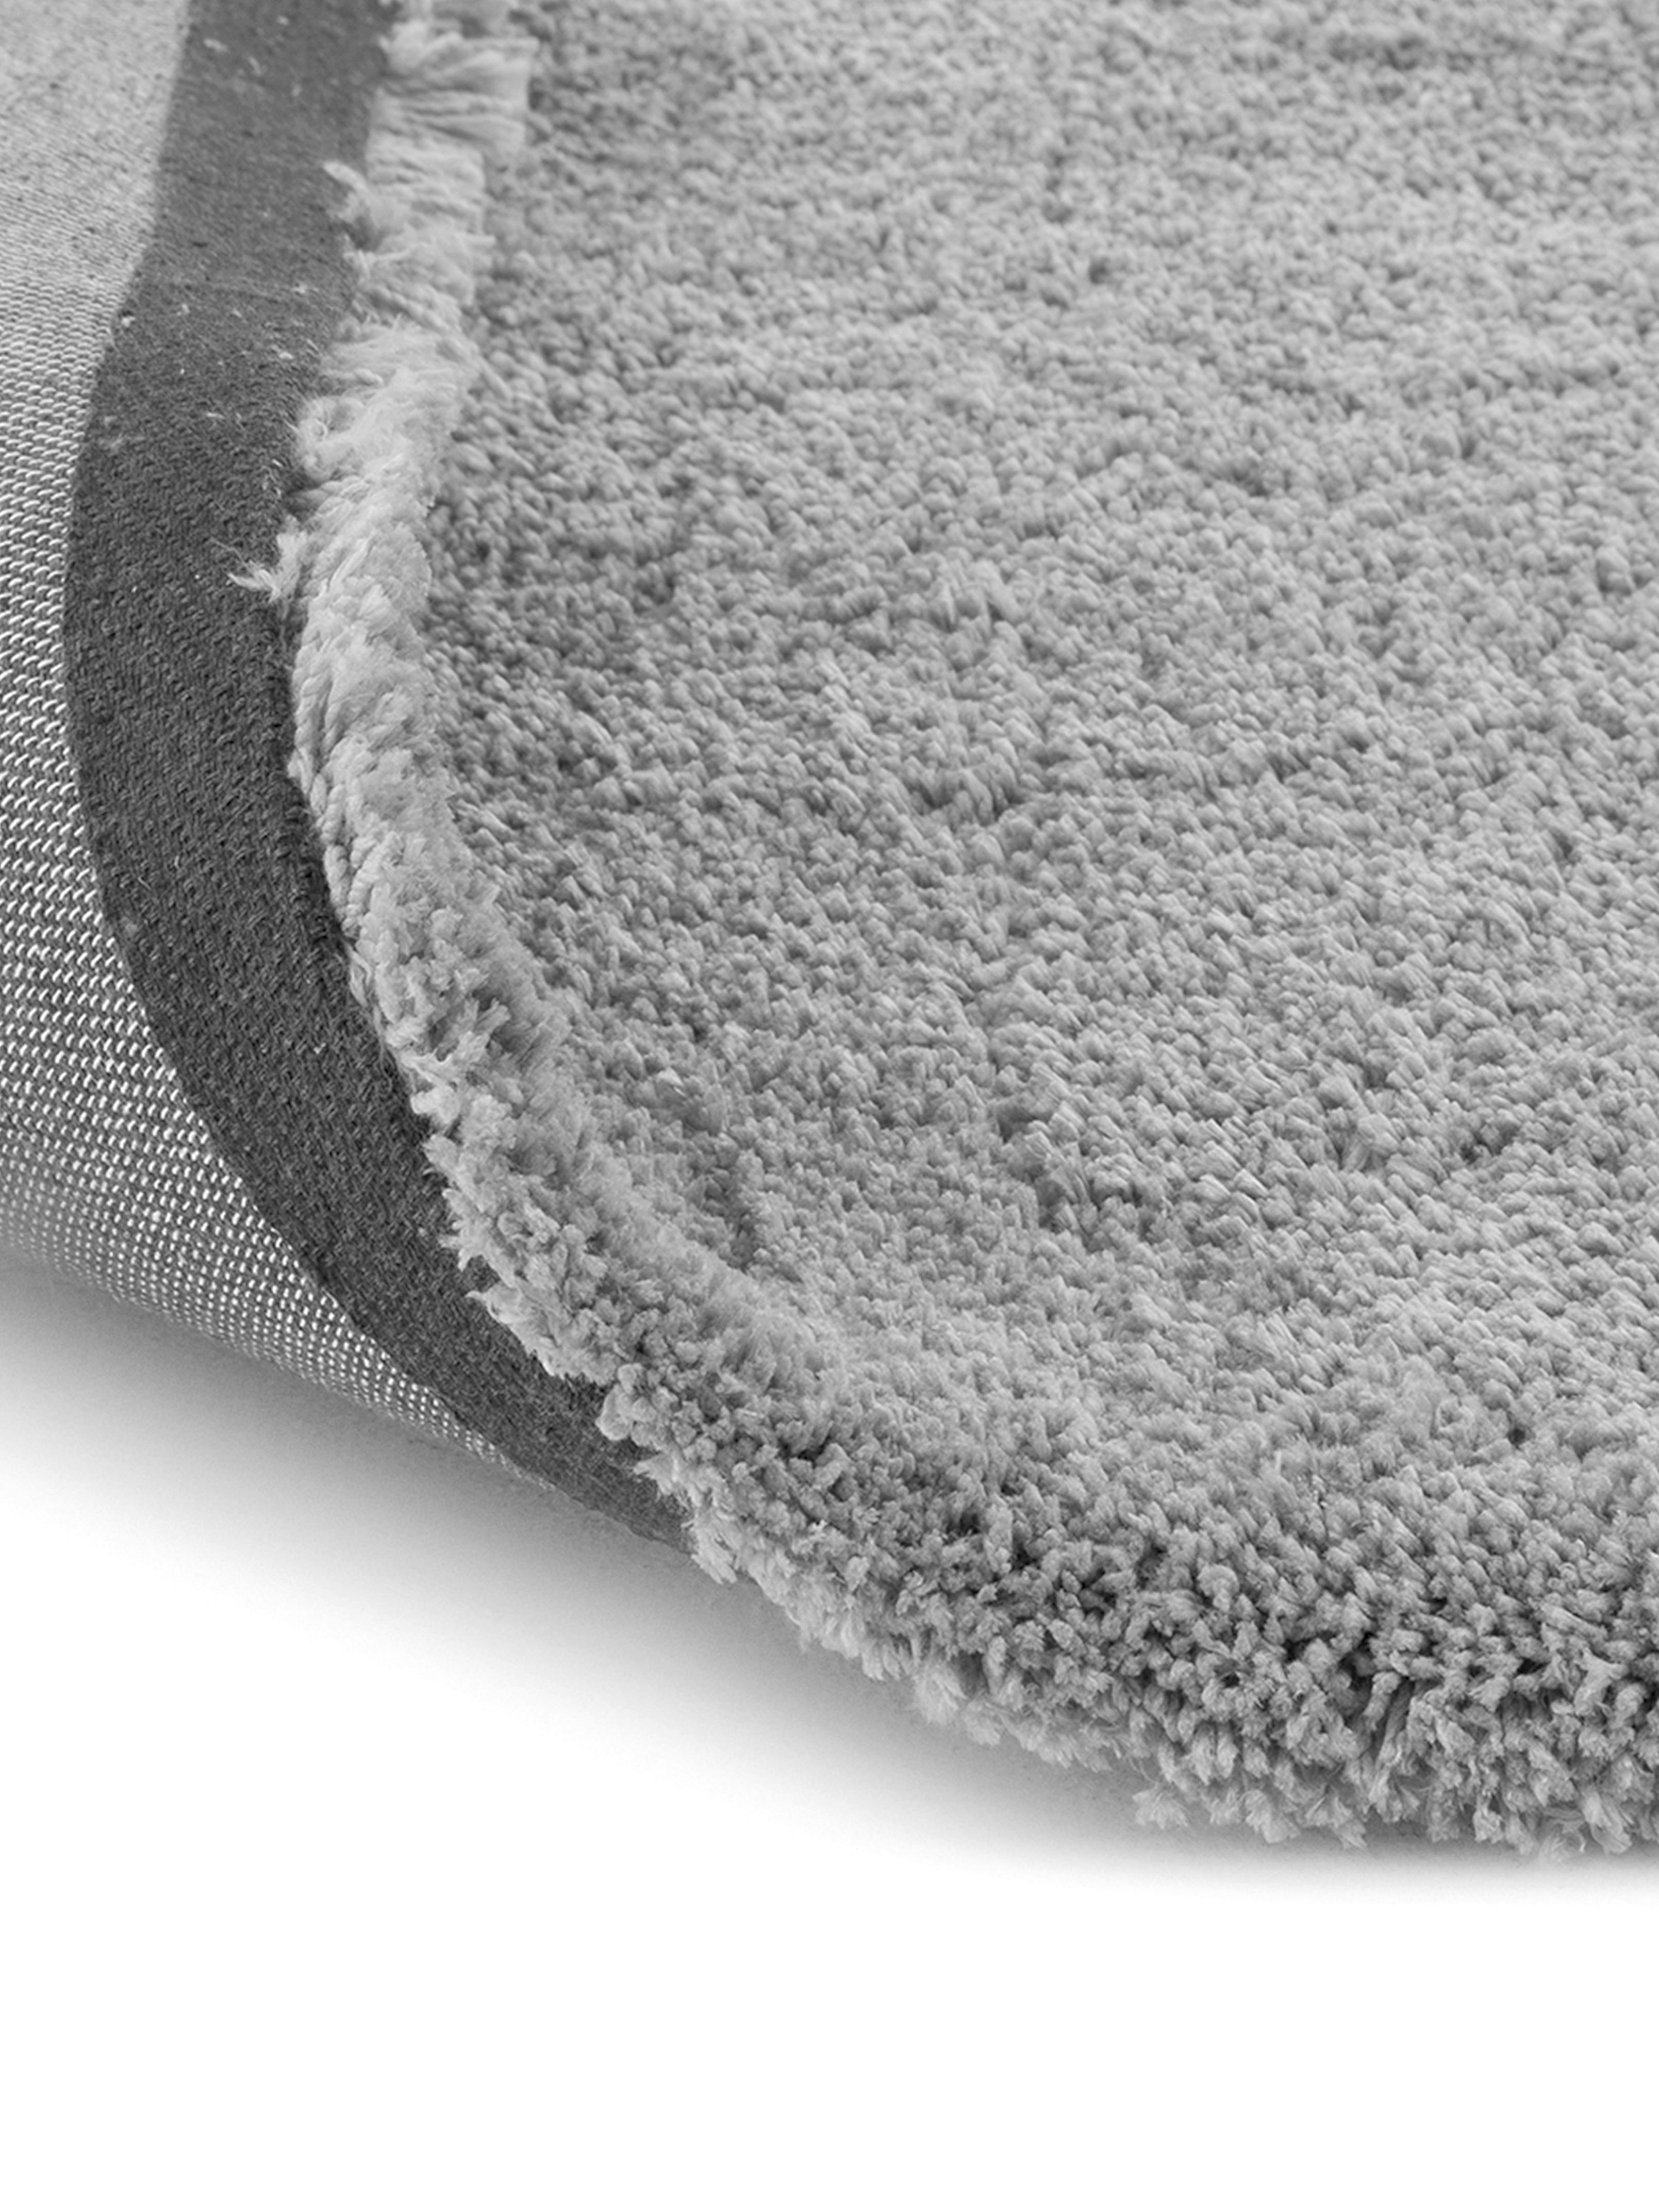 Pluizig hoogpolig vloerkleed Leighton in grijs, Bovenzijde: 100% polyester (microveze, Onderzijde: 70% polyester, 30% katoen, Donkergrijs, B 80 x L 150 cm (maat XS)